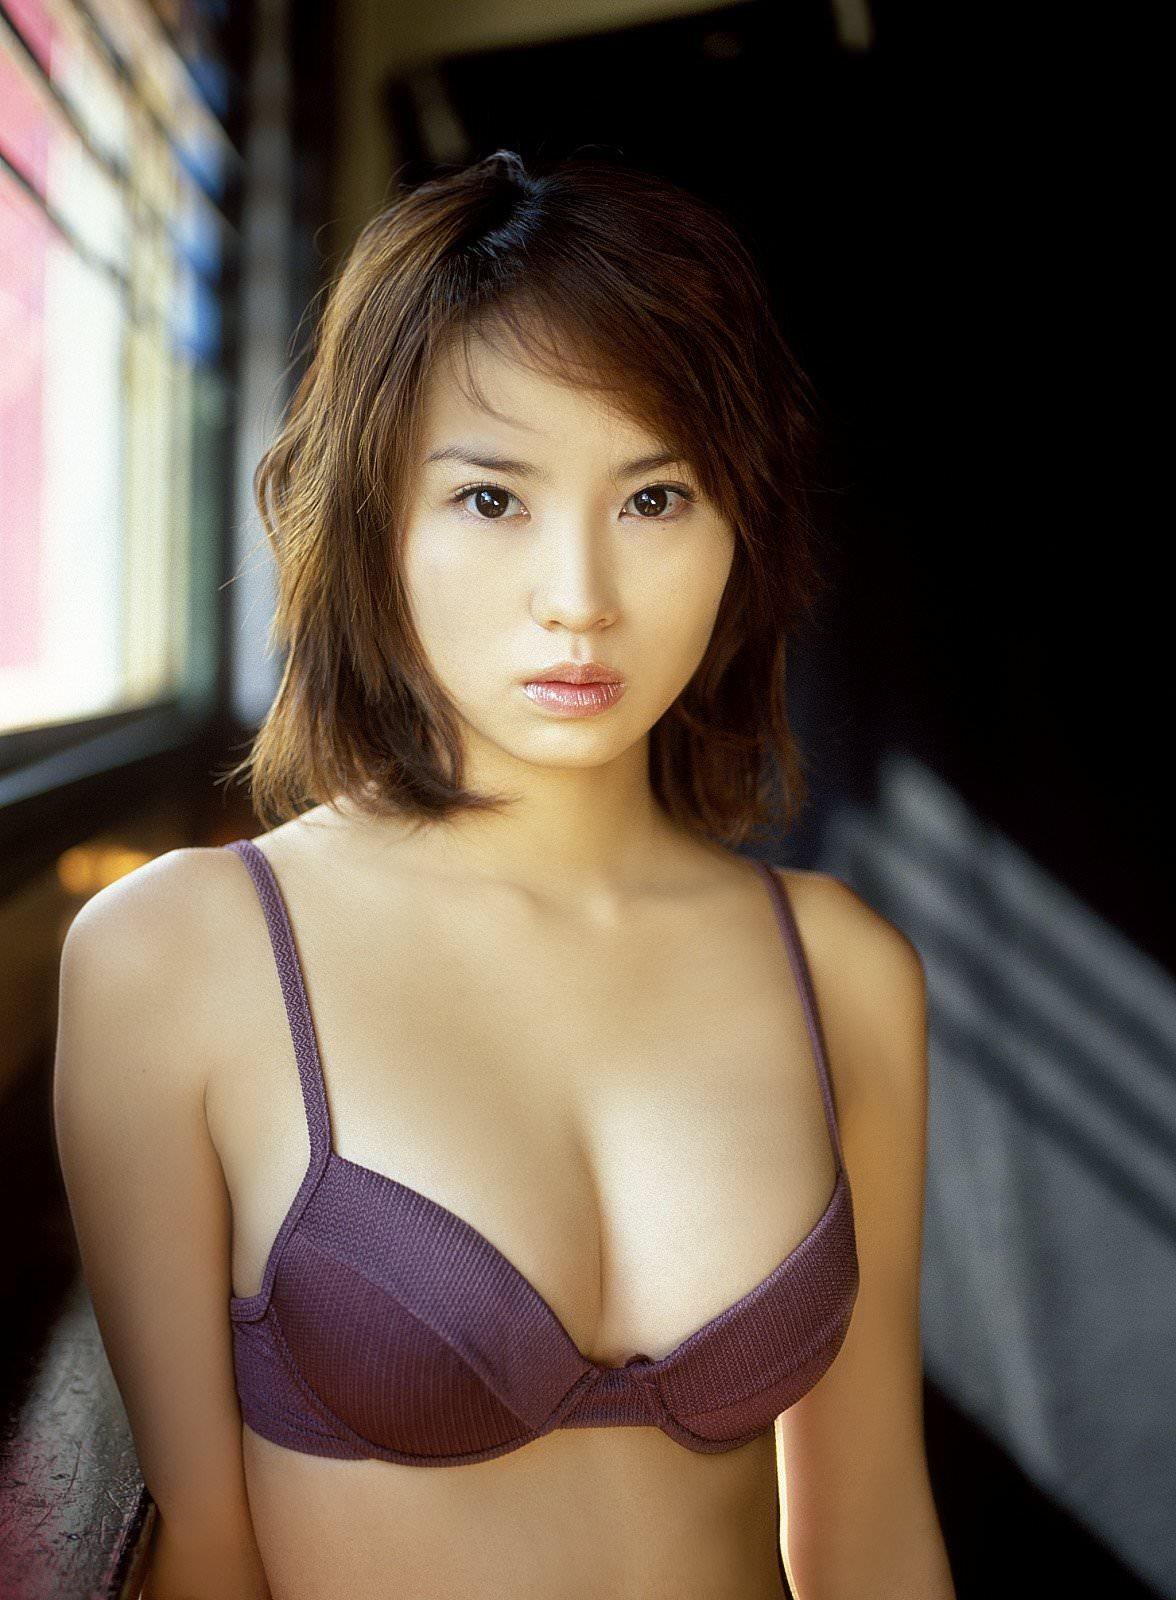 Yui Ishikawa Photo Gallery